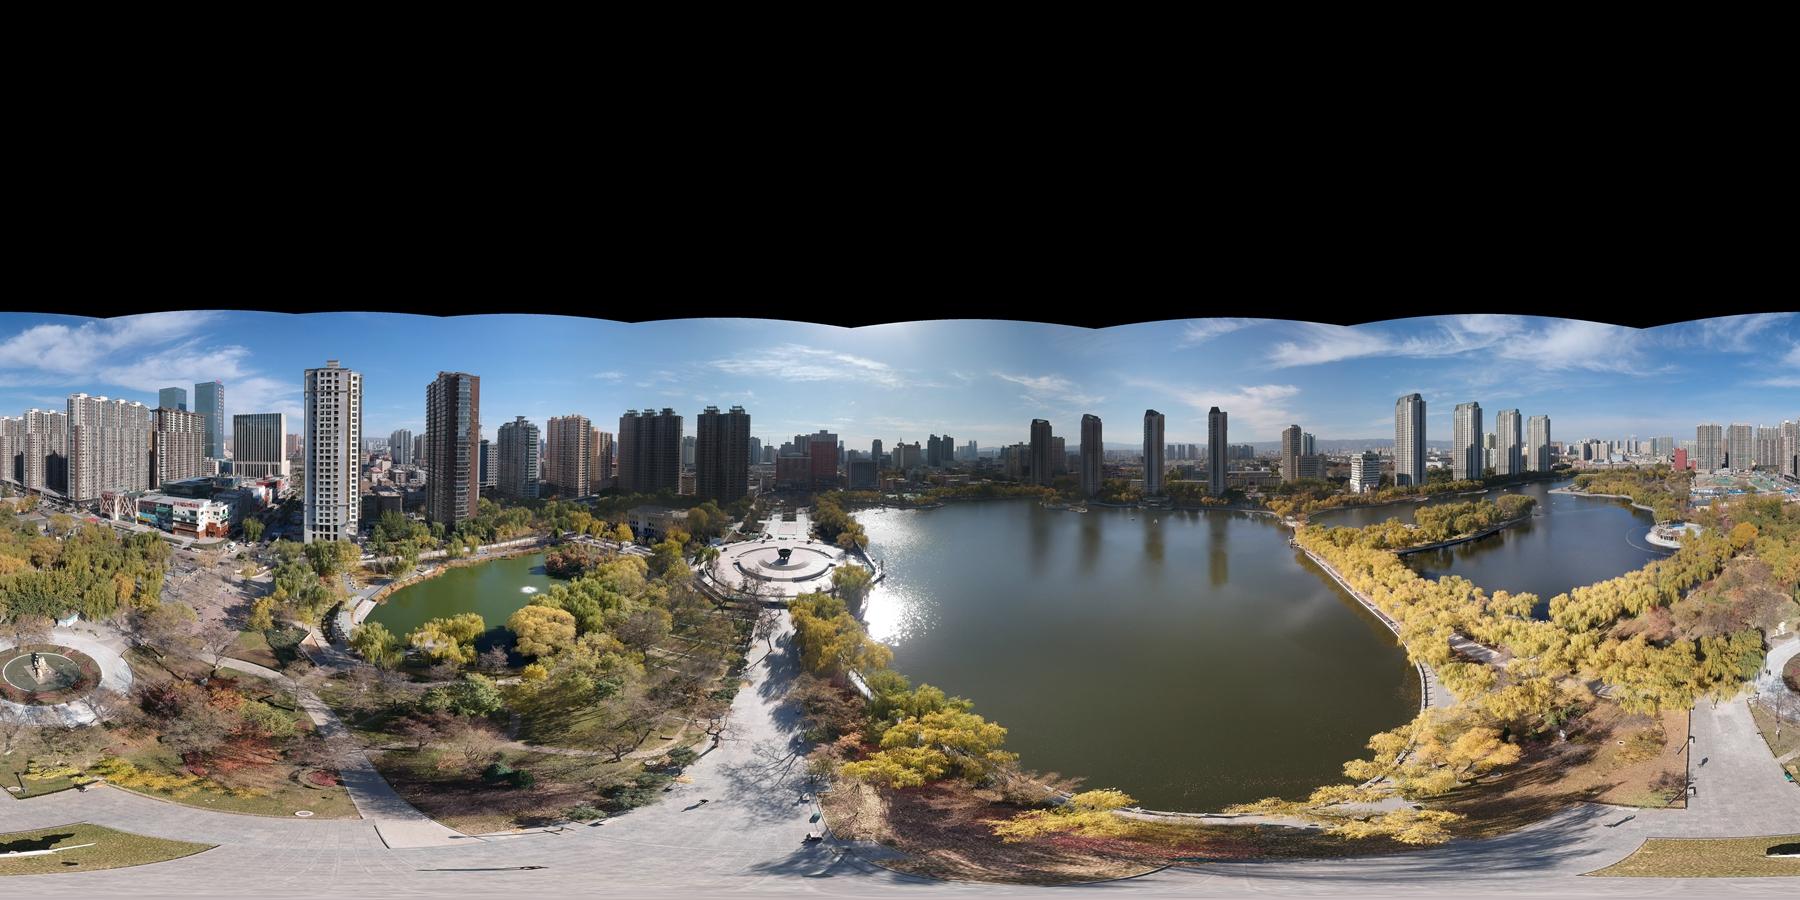 DJI_0216 Panorama_副本.jpg